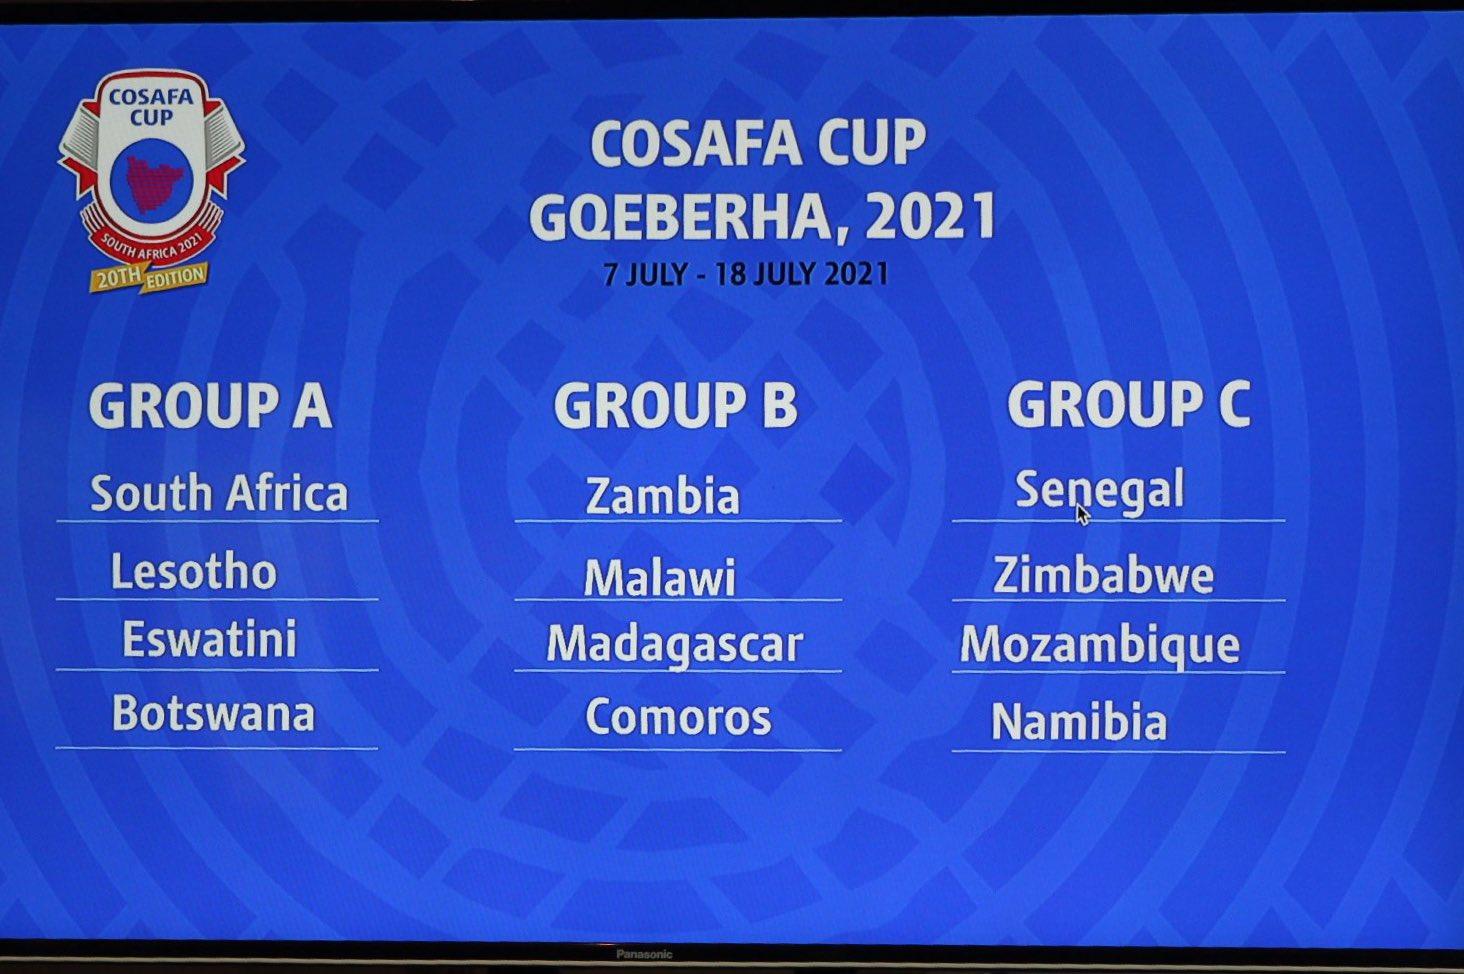 La Zambie remet son titre en jeu pour le tournoi qui se déroulera du 7 au 18 juillet en Afrique du Sud